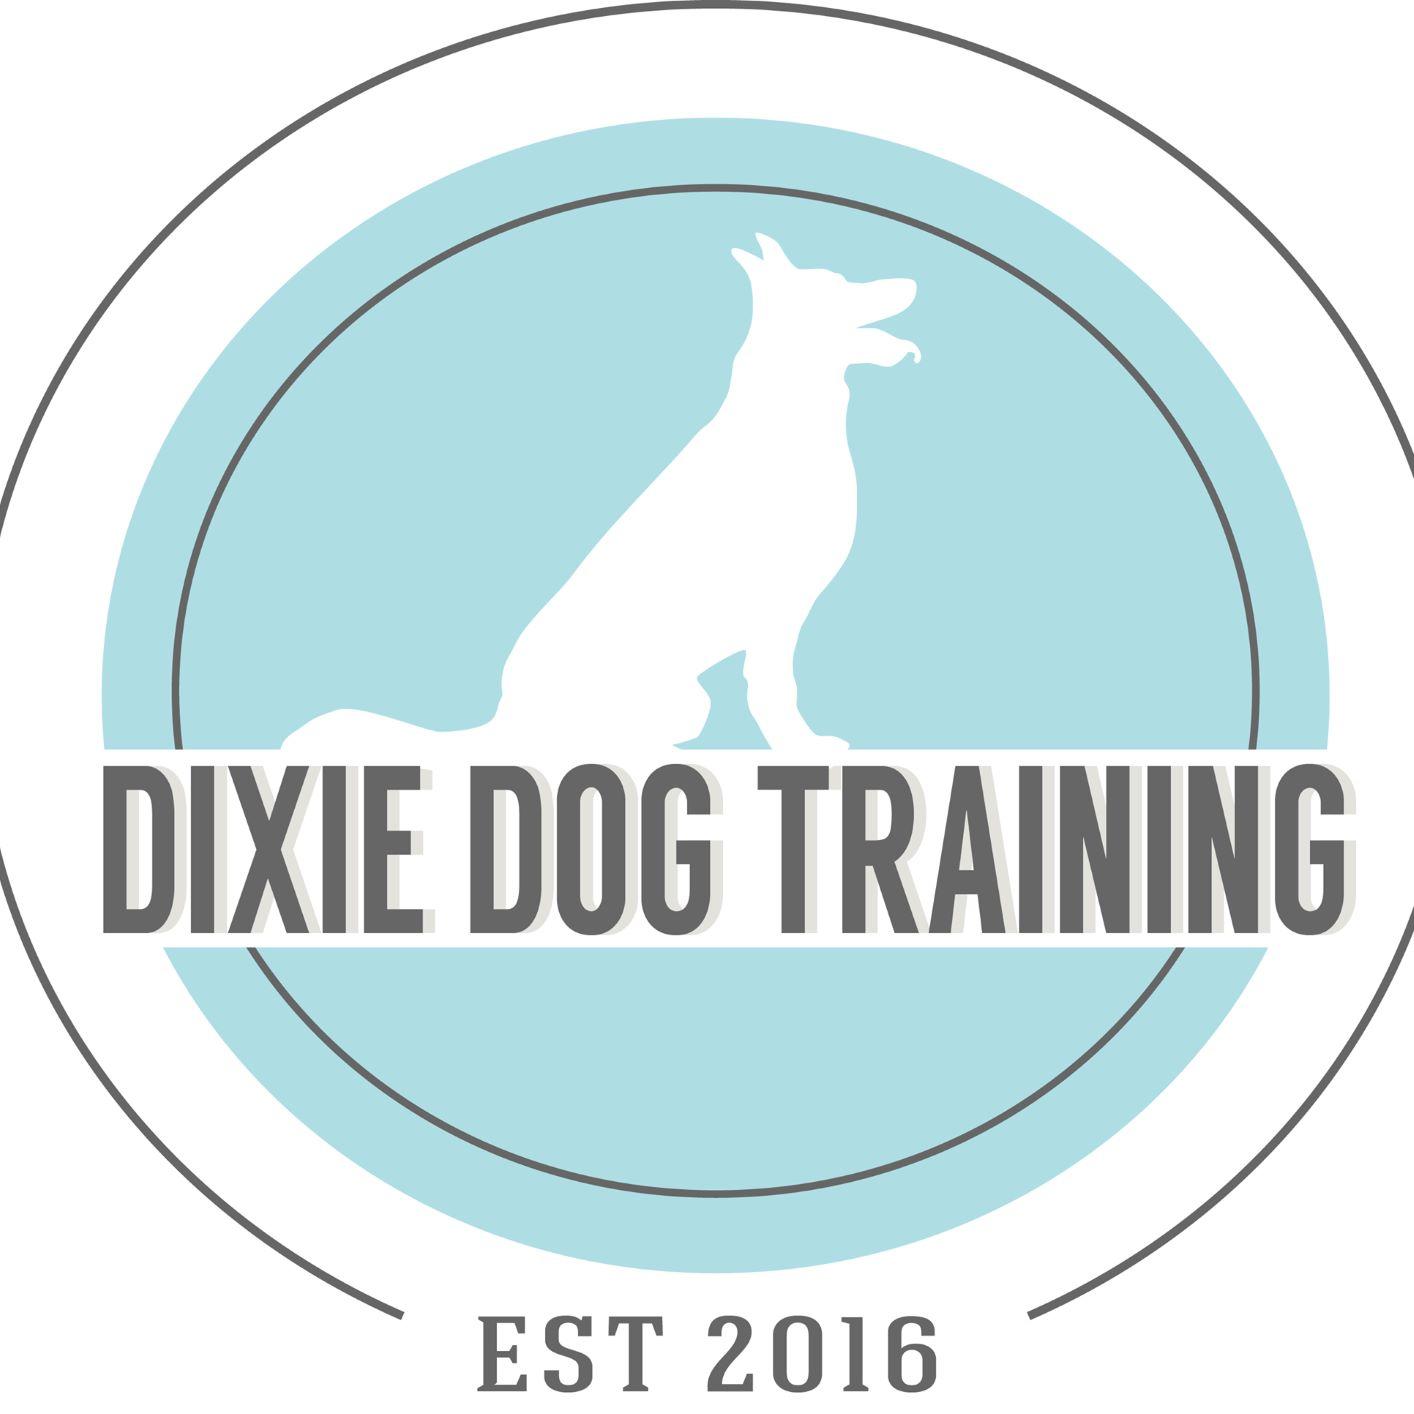 Dixie Dog Training image